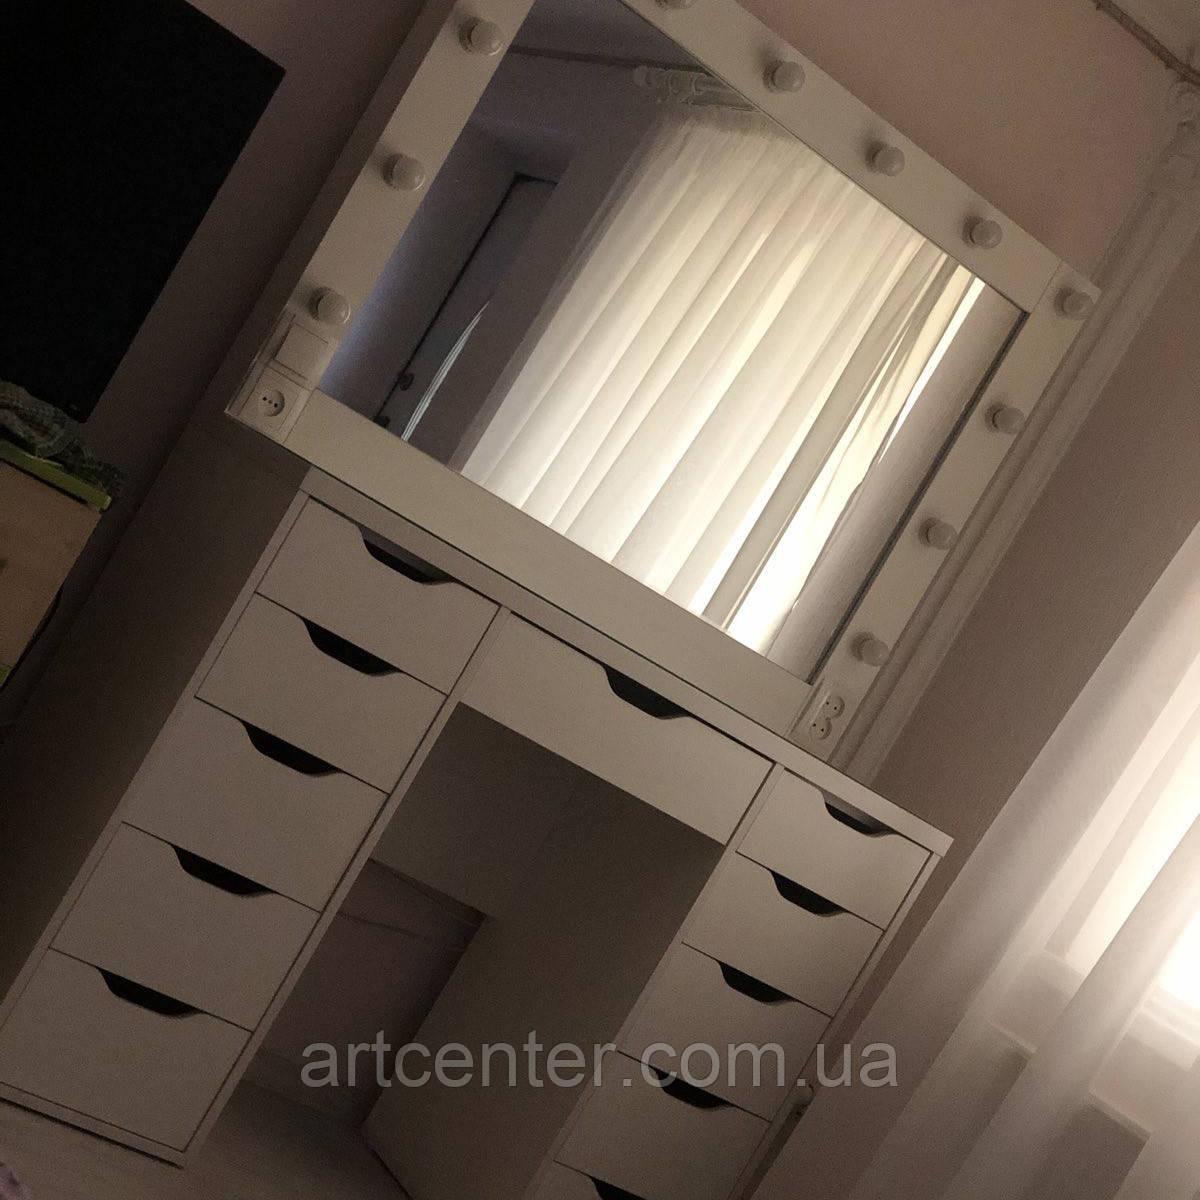 Стол для макияжа с зеркалом и ящиками, зеркало с подсветкой, розетки, выключатель